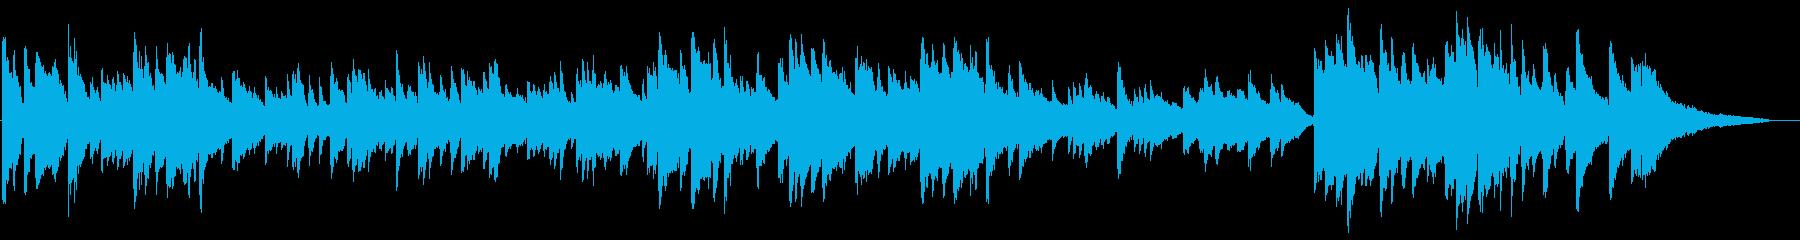 ショックなことがあった時な ピアノソロの再生済みの波形